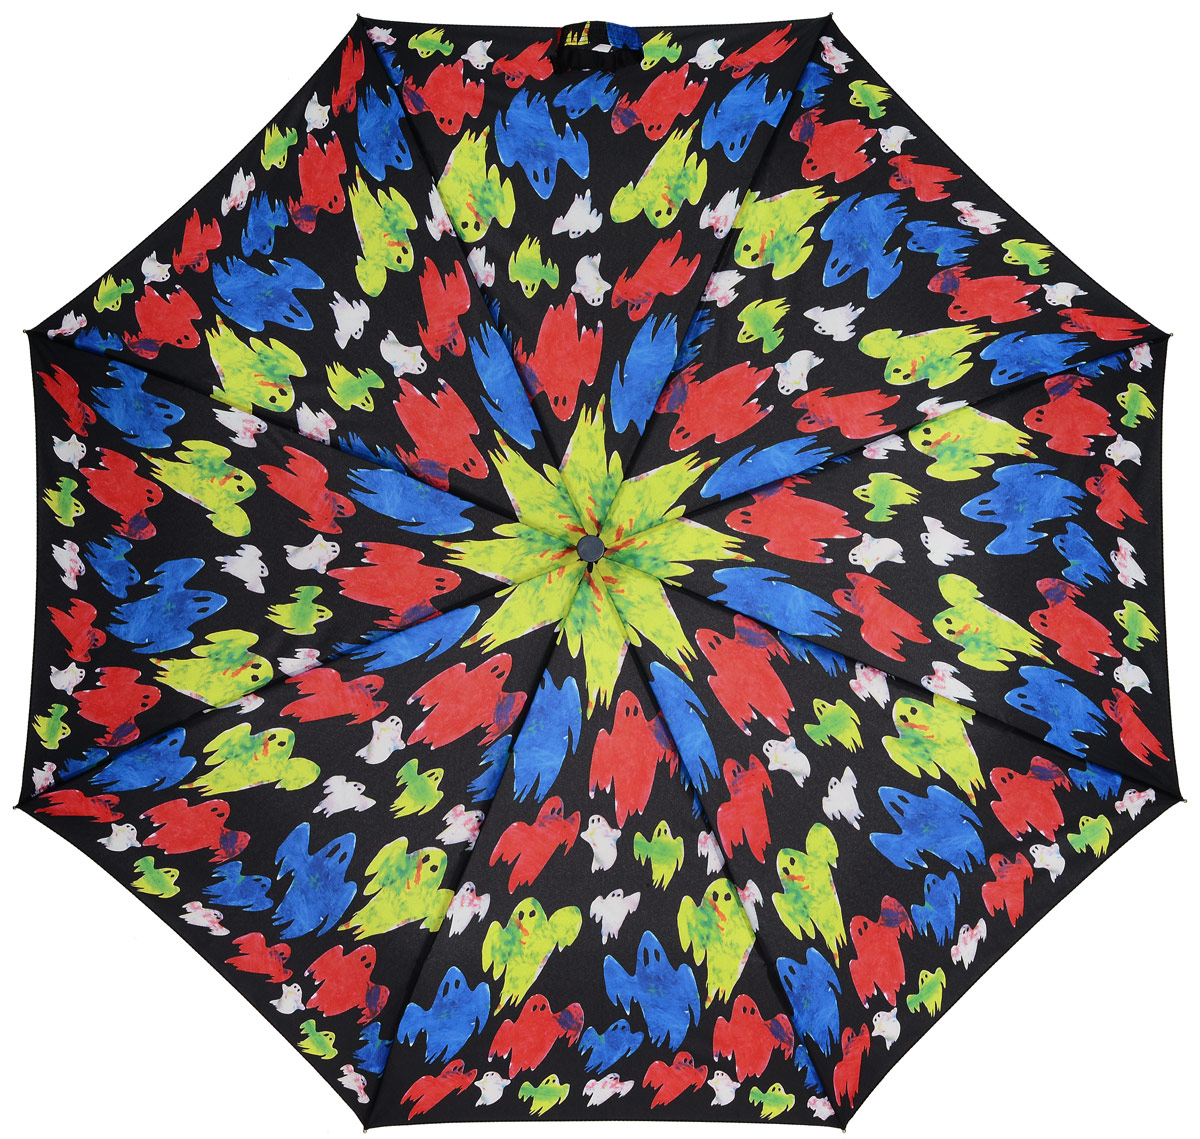 Зонт женский Fulton Simeon Farrar, механический, 3 сложения, цвет: мультиколор. E446-2450REM12-CAM-GREENBLACKСтильный зонт Fulton Simeon Farrar имеет 3 сложения, даже в ненастную погоду позволит вам оставаться стильной. Легкий, но в тоже время прочный и ветроустойчивый каркас из фибергласса состоит из восьми спиц с износостойкими соединениями. Купол зонта выполнен из прочного полиэстера с водоотталкивающей пропиткой. Рукоятка разработанная с учетом требований эргономики, выполнена из настоящего каучука.Зонт механического сложения: купол открывается и закрывается вручную до характерного щелчка. Такой зонт не только надежно защитит вас от дождя, но и станет стильным аксессуаром, который идеально подчеркнет ваш неповторимый образ.